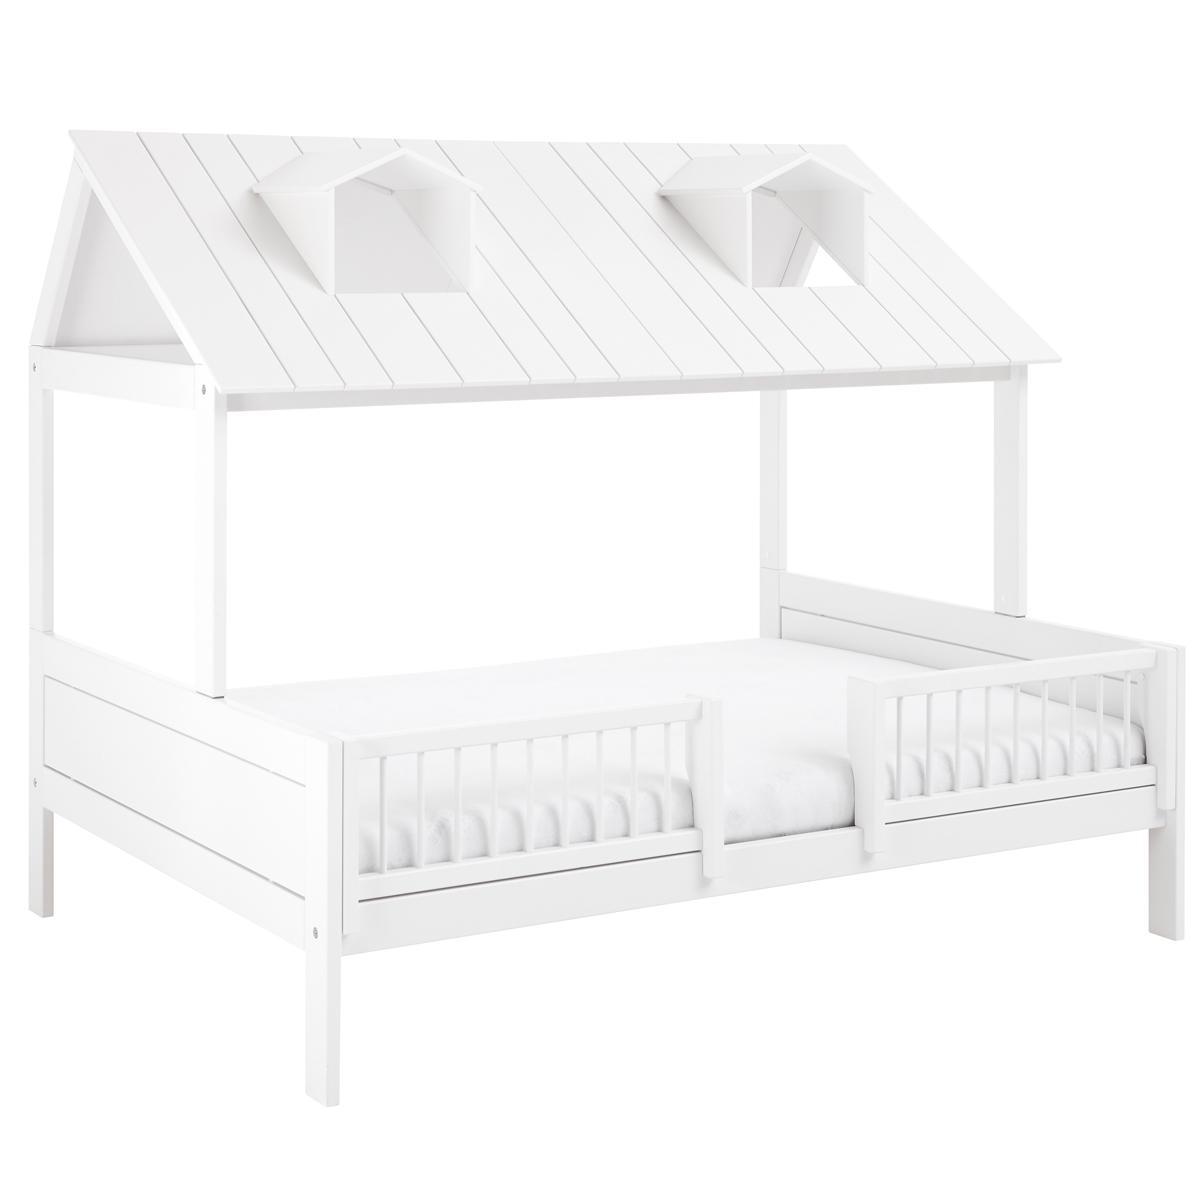 Cama cabaña 140x200cm + somier de luxe BEACH HOUSE Lifetime blanco